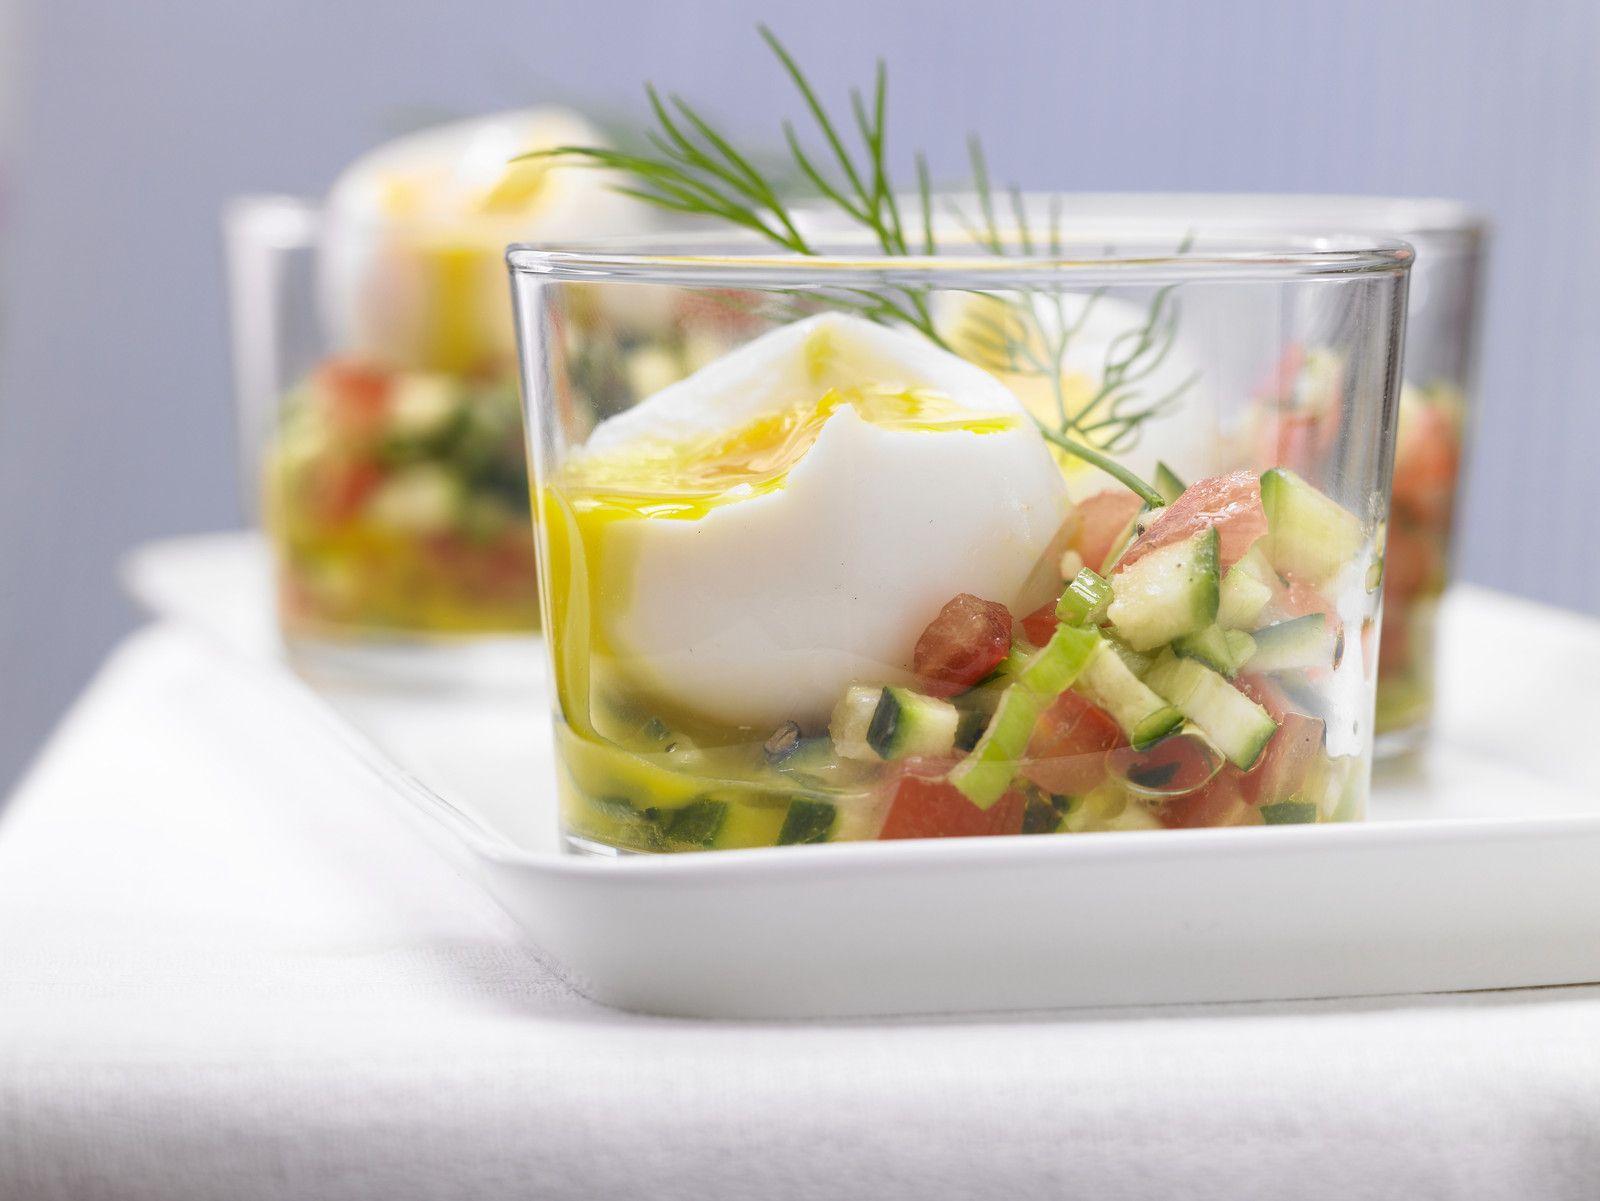 Spargelsalat spargel aus dem glas